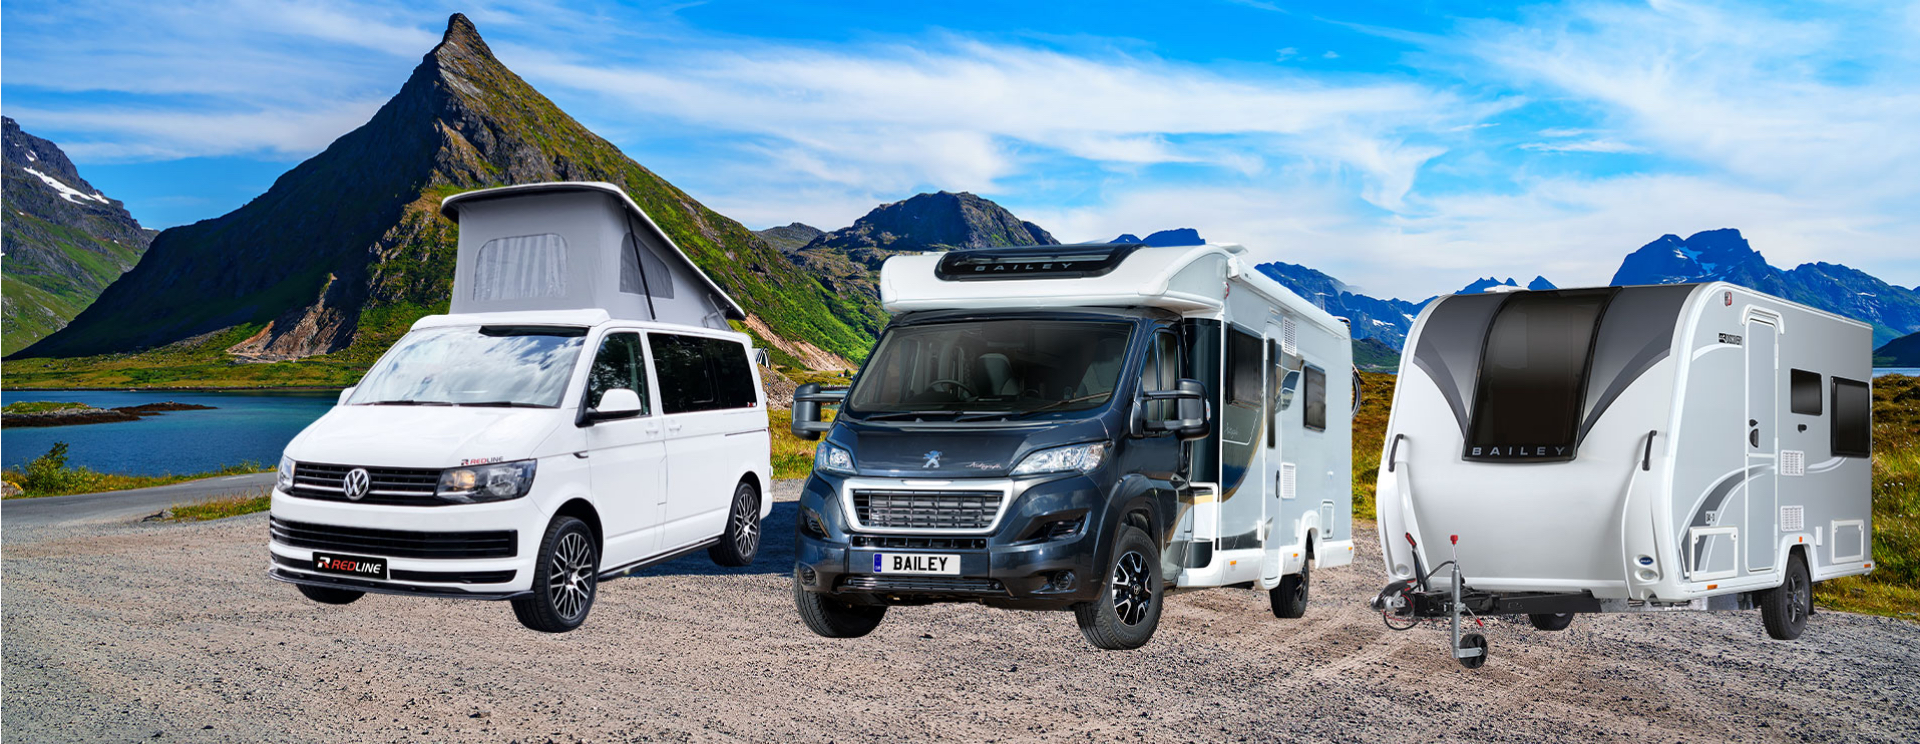 caravans, motorhomes and campervans